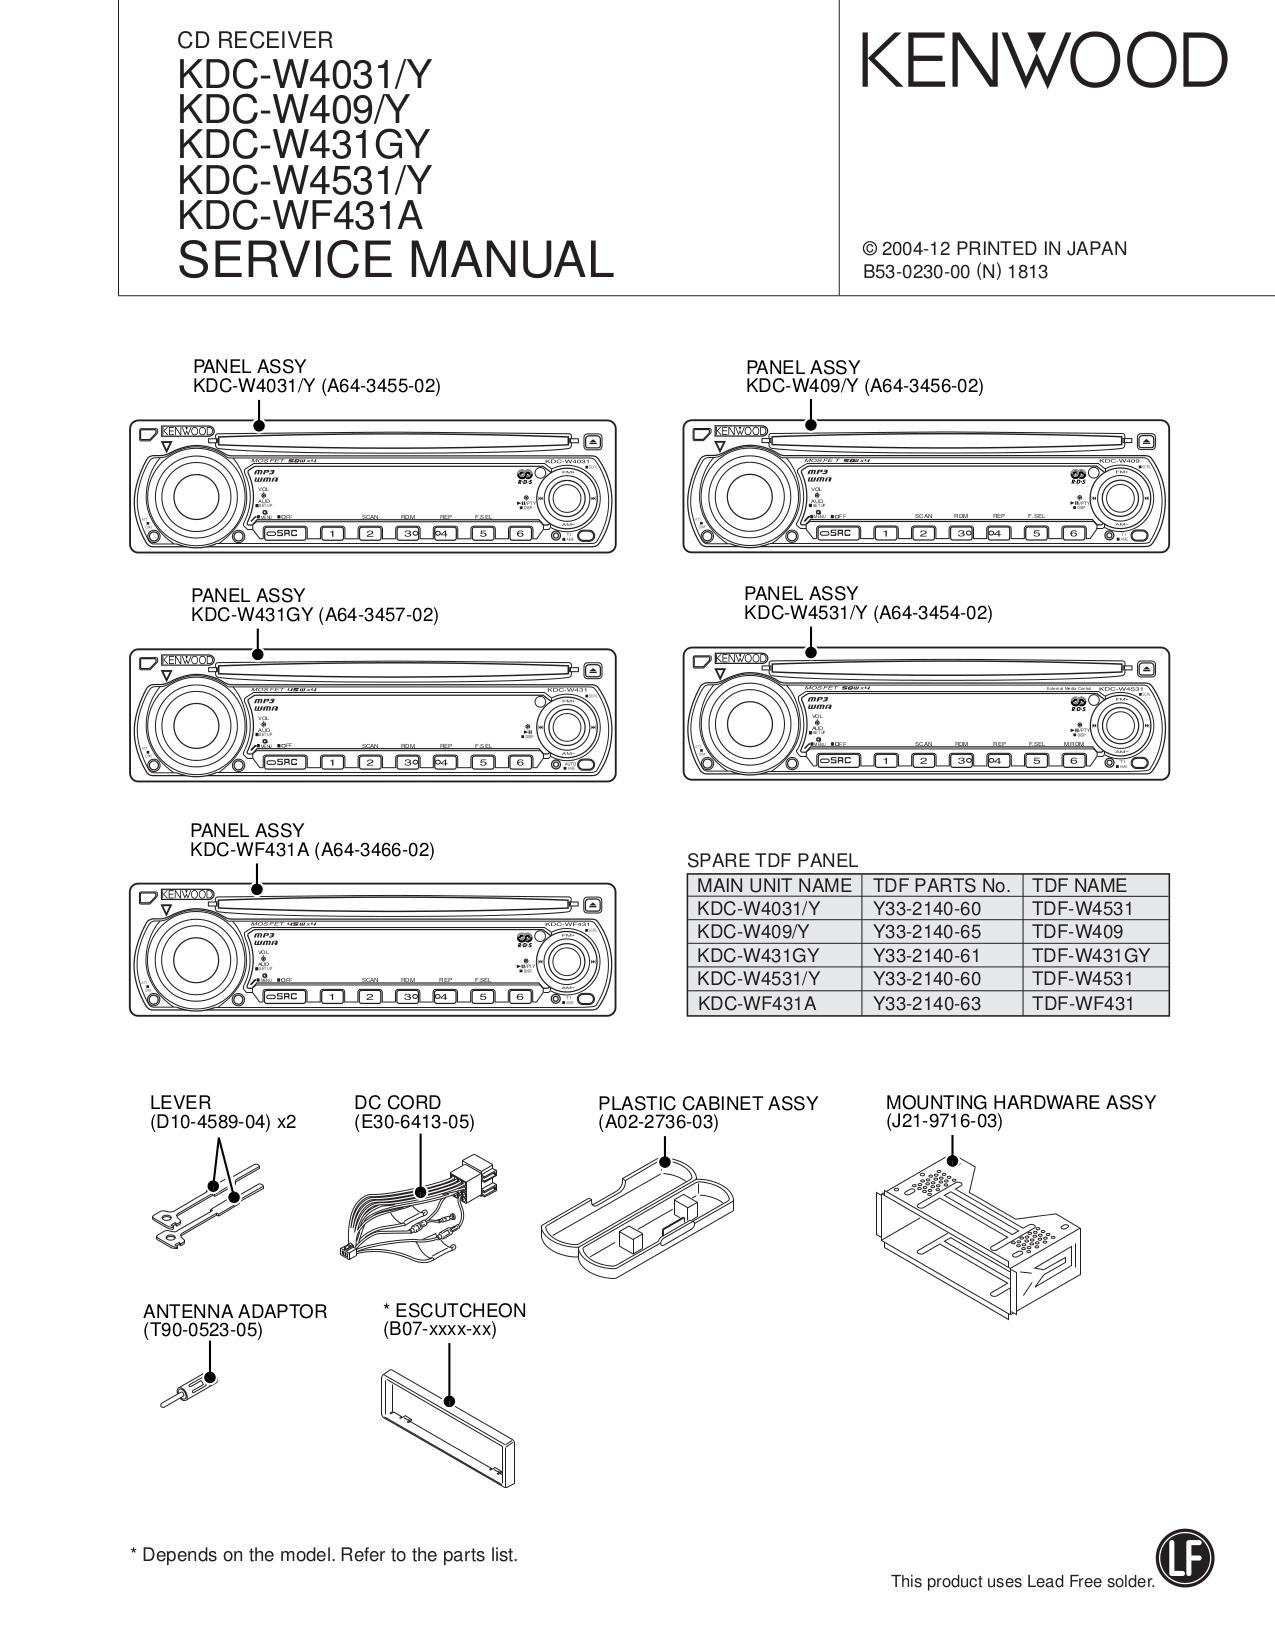 Kenwood Kdc 135 Wiring Diagram - Wiring Diagram M6 on kenwood kdc mp235, kenwood kdc-bt710hd, kenwood kdc 400u cd player, kenwood car audio dash unit, kenwood kdc mp205 wiring,